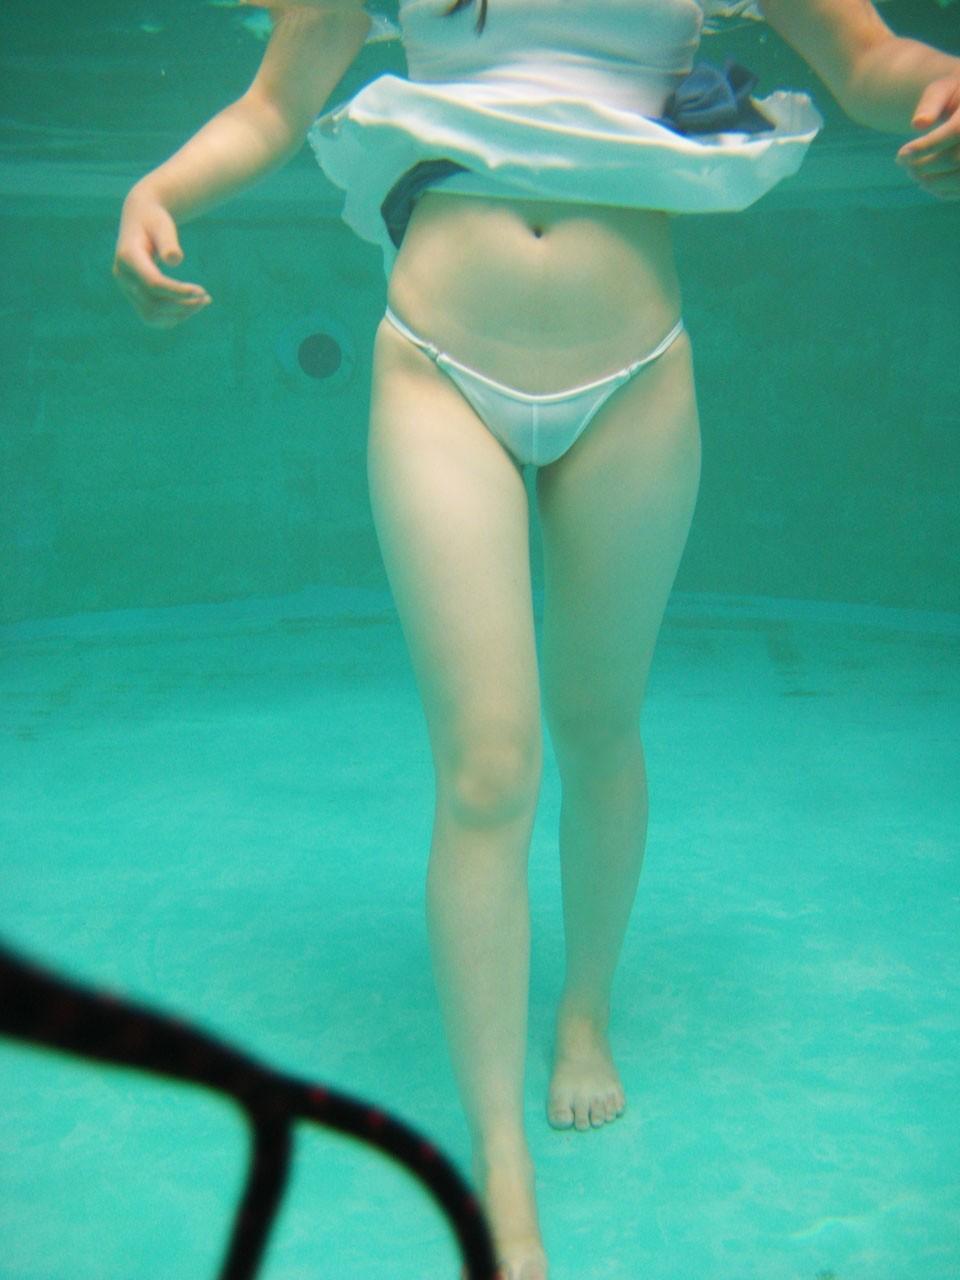 【水中エロ画像】季節外れな厚さを凌ぐために水中で揺らぐムチムチ女体(;´Д`)